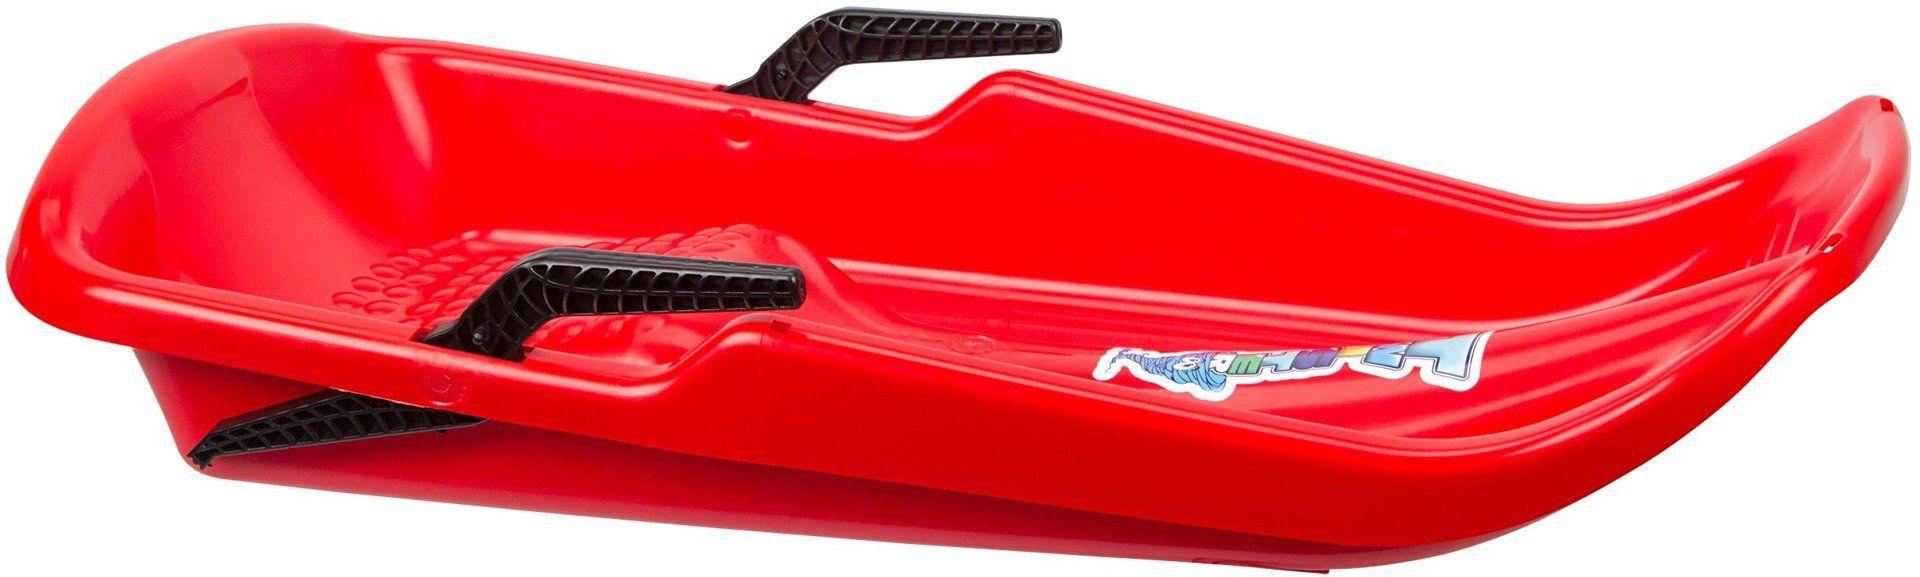 Sanki plastikowe z hamulcem dla dzieci Twister